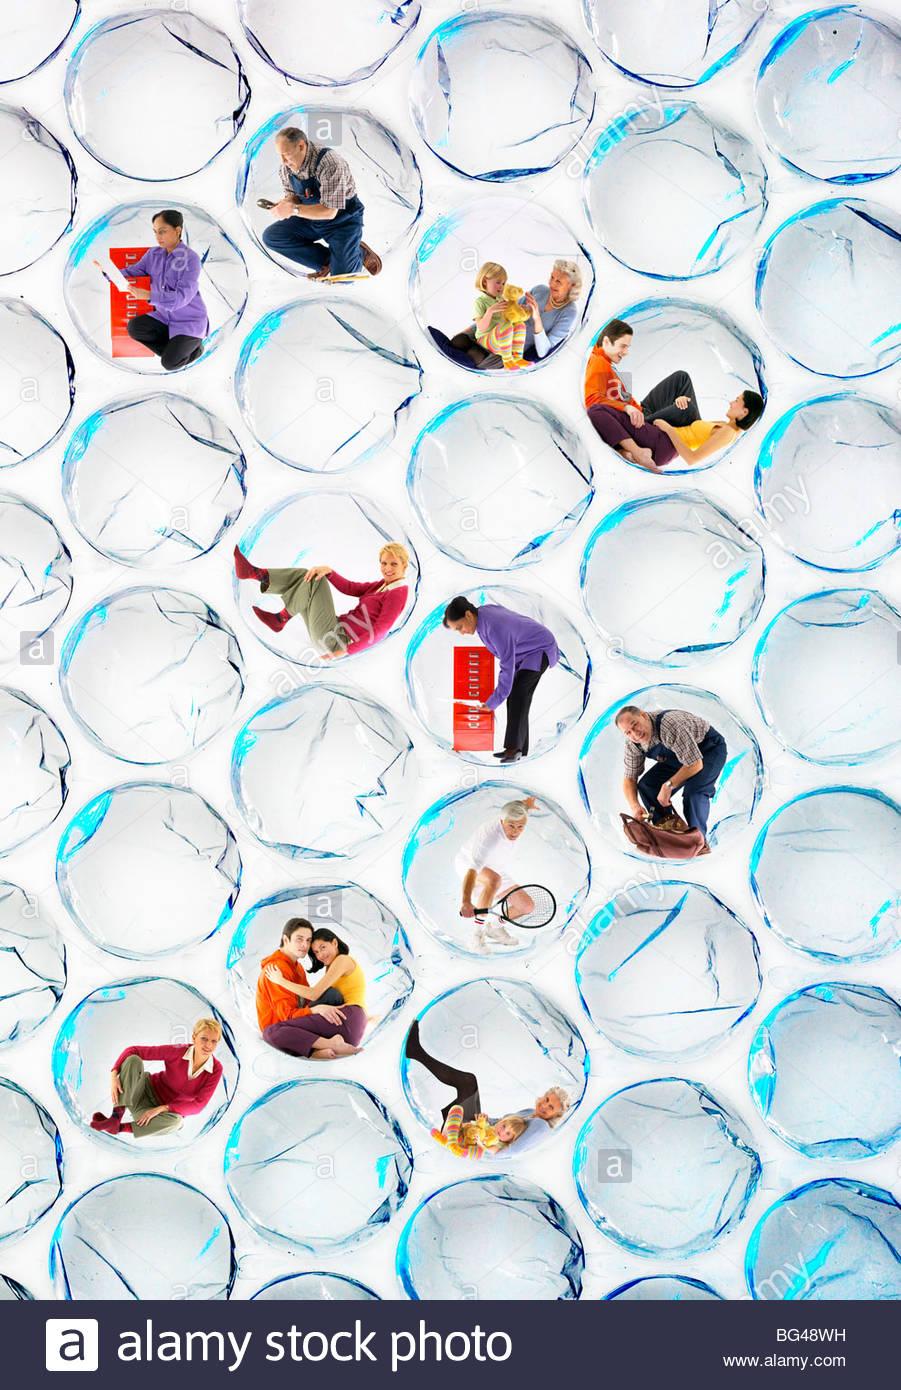 Les personnes effectuant des tâches différentes à l'intérieur de l'enveloppe de bulle Photo Stock